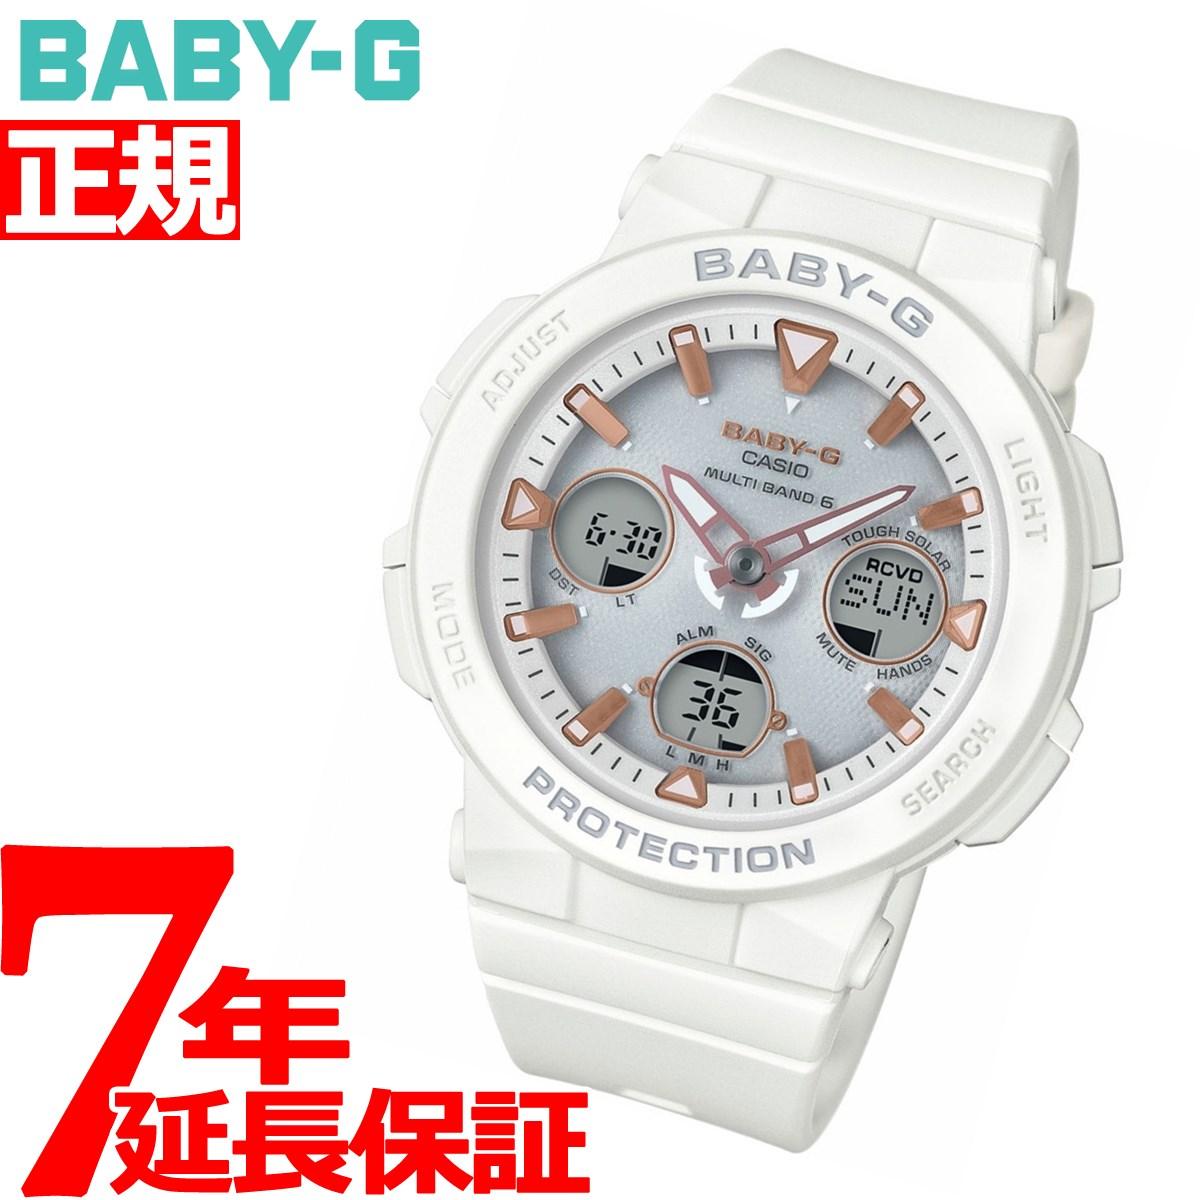 BABY-G カシオ ベビーG 電波 ソーラー ネオンイルミネーター レディース 腕時計 電波時計 ホワイト 白 Beach Traveler Series BGA-2500-7AJF【2018 新作】